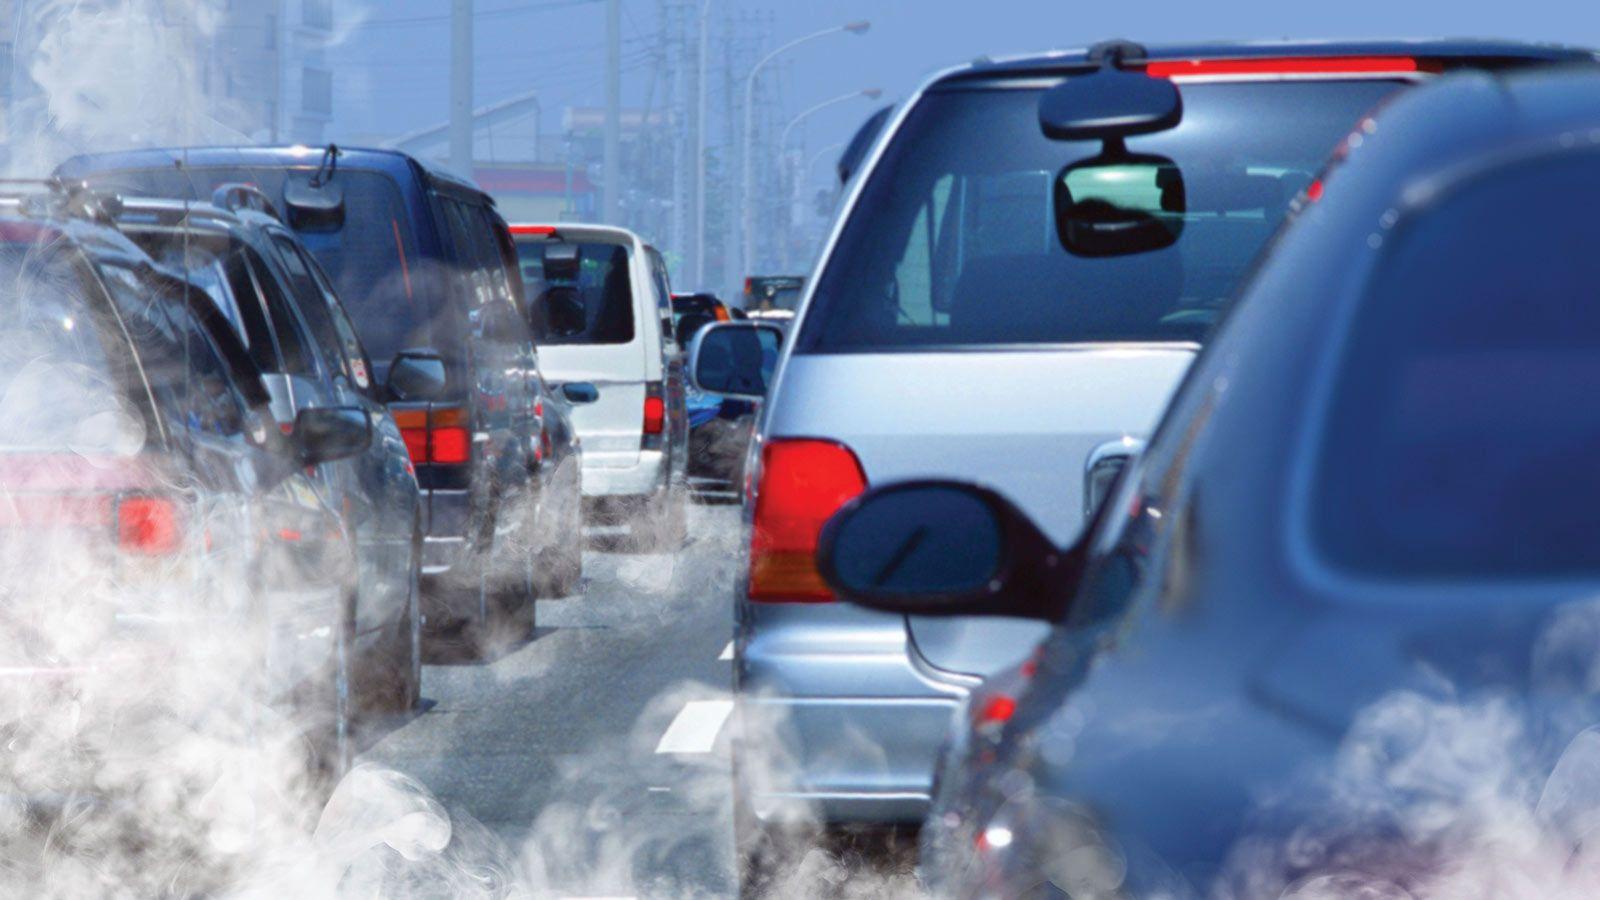 Εγκρίθηκε η νέα στρατηγική μείωσης ρύπων από αυτοκίνητα και ημιφορτηγά